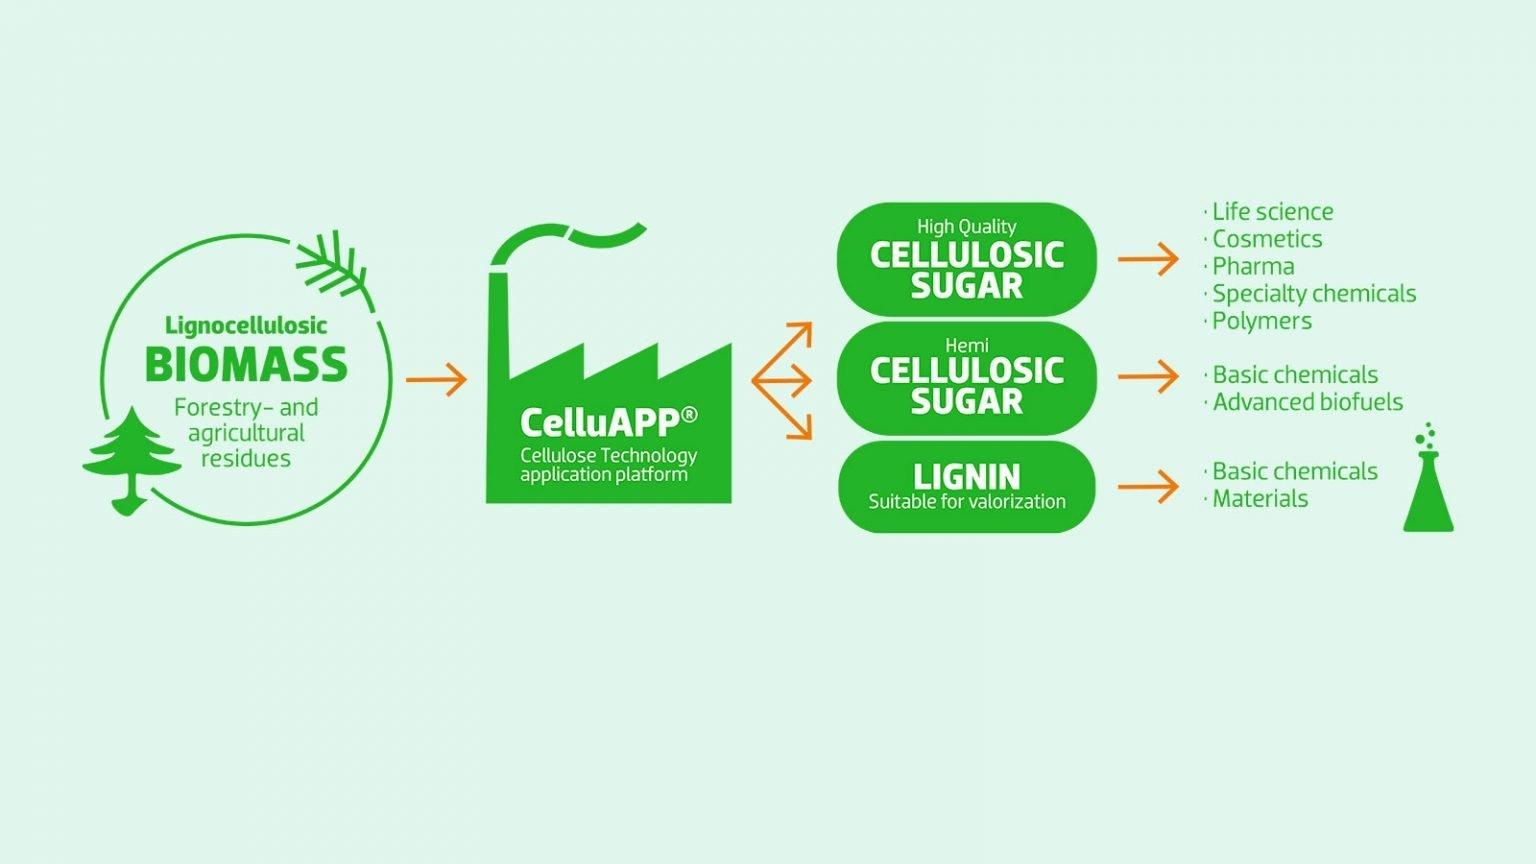 Sekab y Praj Industries se juntan para acelerar una transición verde 2